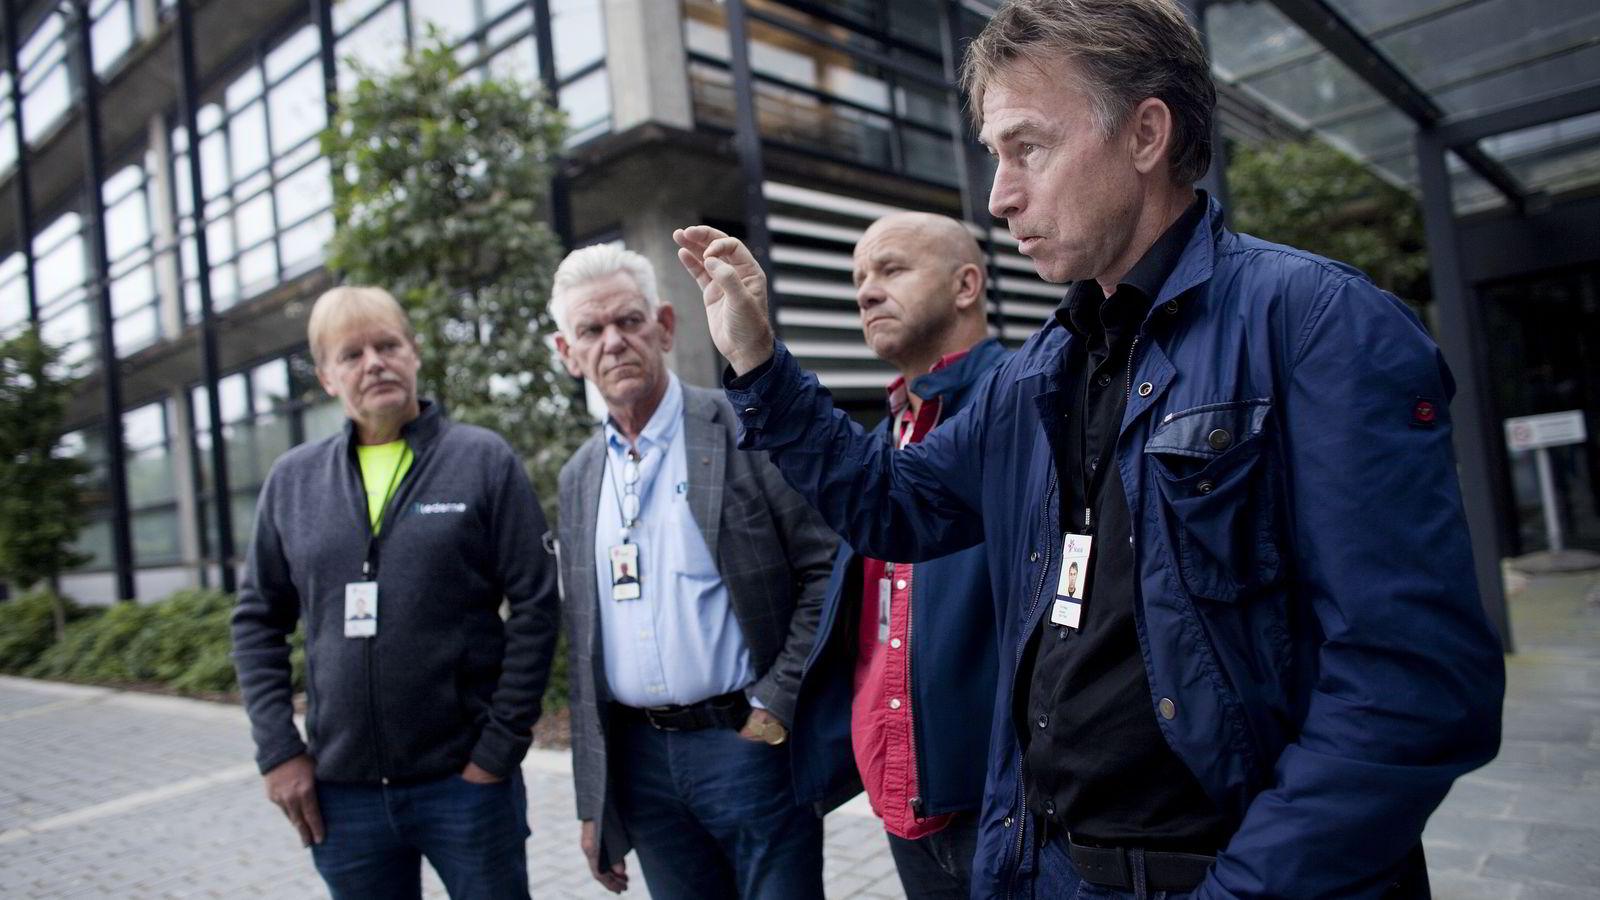 Fagforeningsleder Per Terje Ødegård i Lederne-Teknikerne i Statoil fører ordet mens hans medtillitsvalgte Hans Fjære Øvrum, Christer Olsson og Terje Herland nikker i enighet.